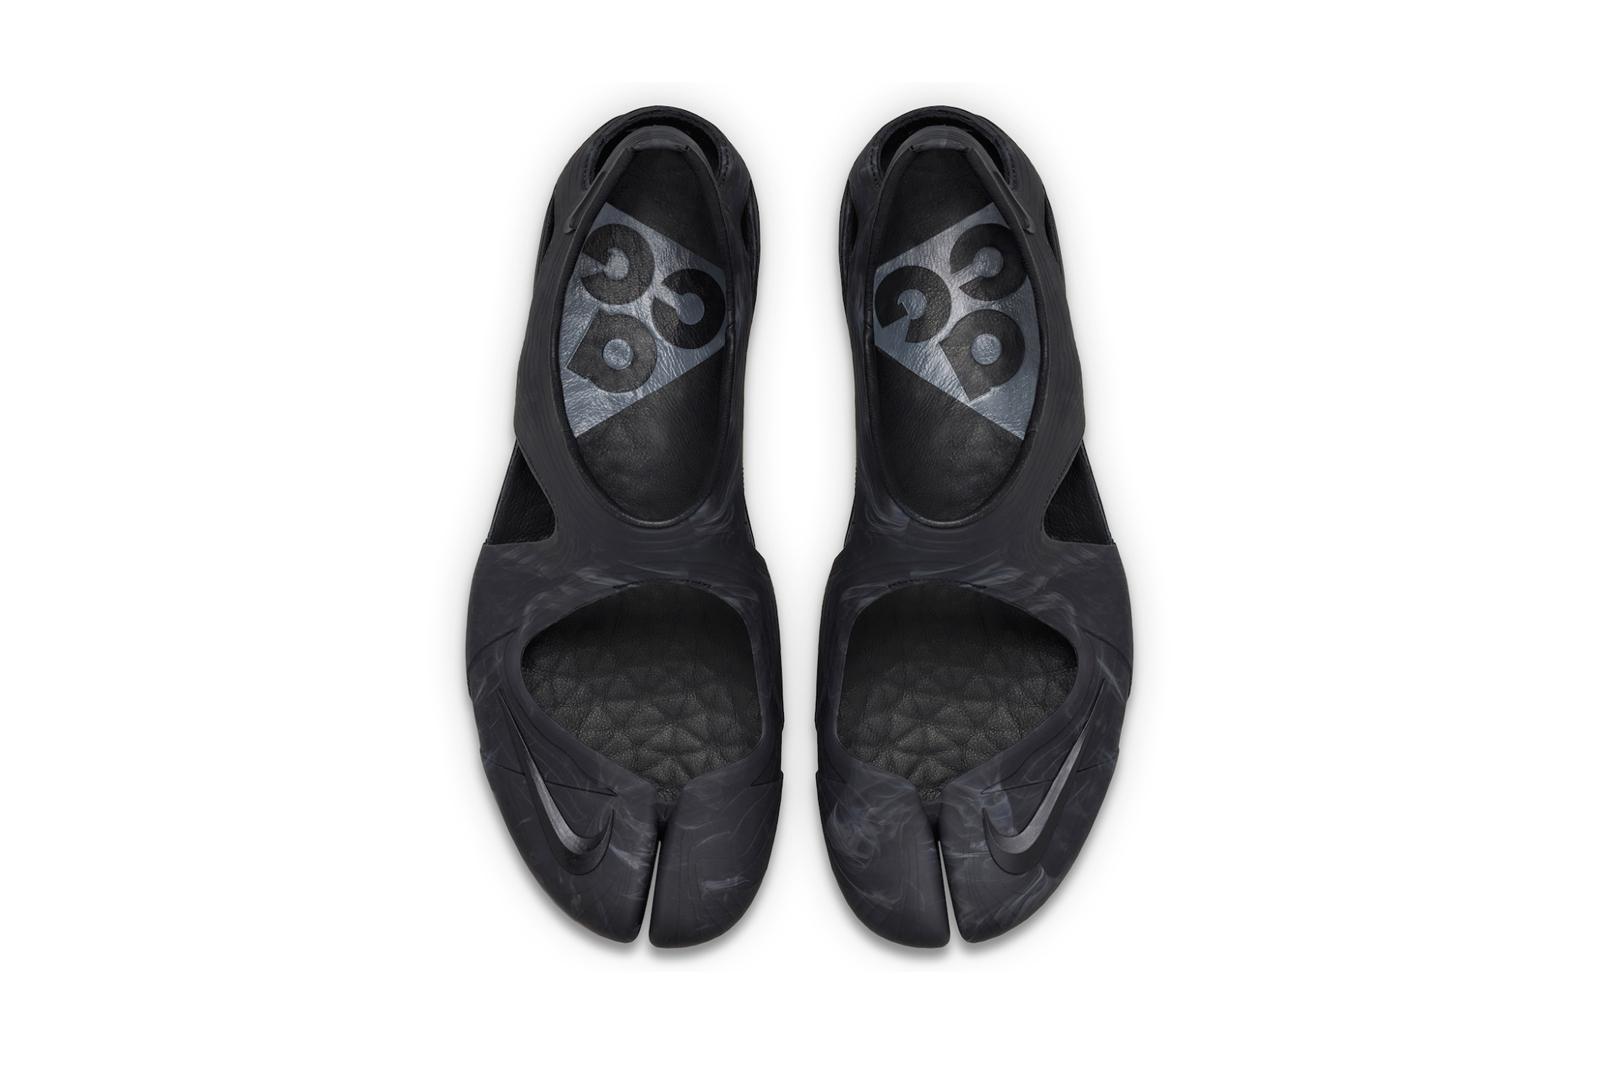 nikelab-free-rift-sandal-2016-4.jpg?quality=95&w=1755